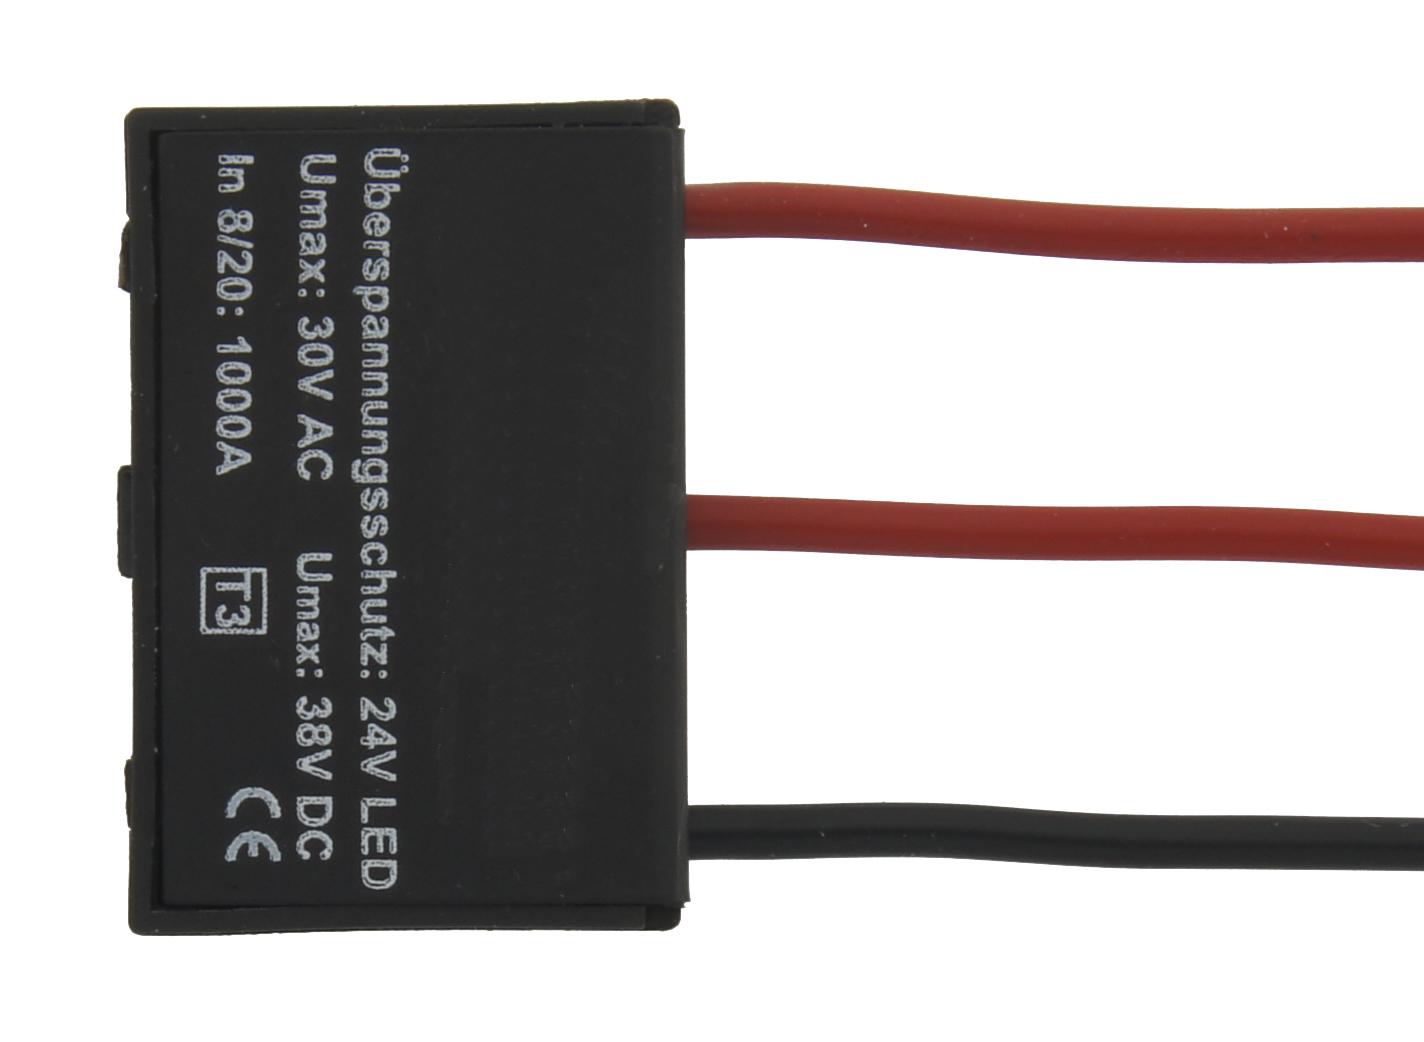 1 Stk Überspannungsschutz 12V für Mono Strips LINZ012001